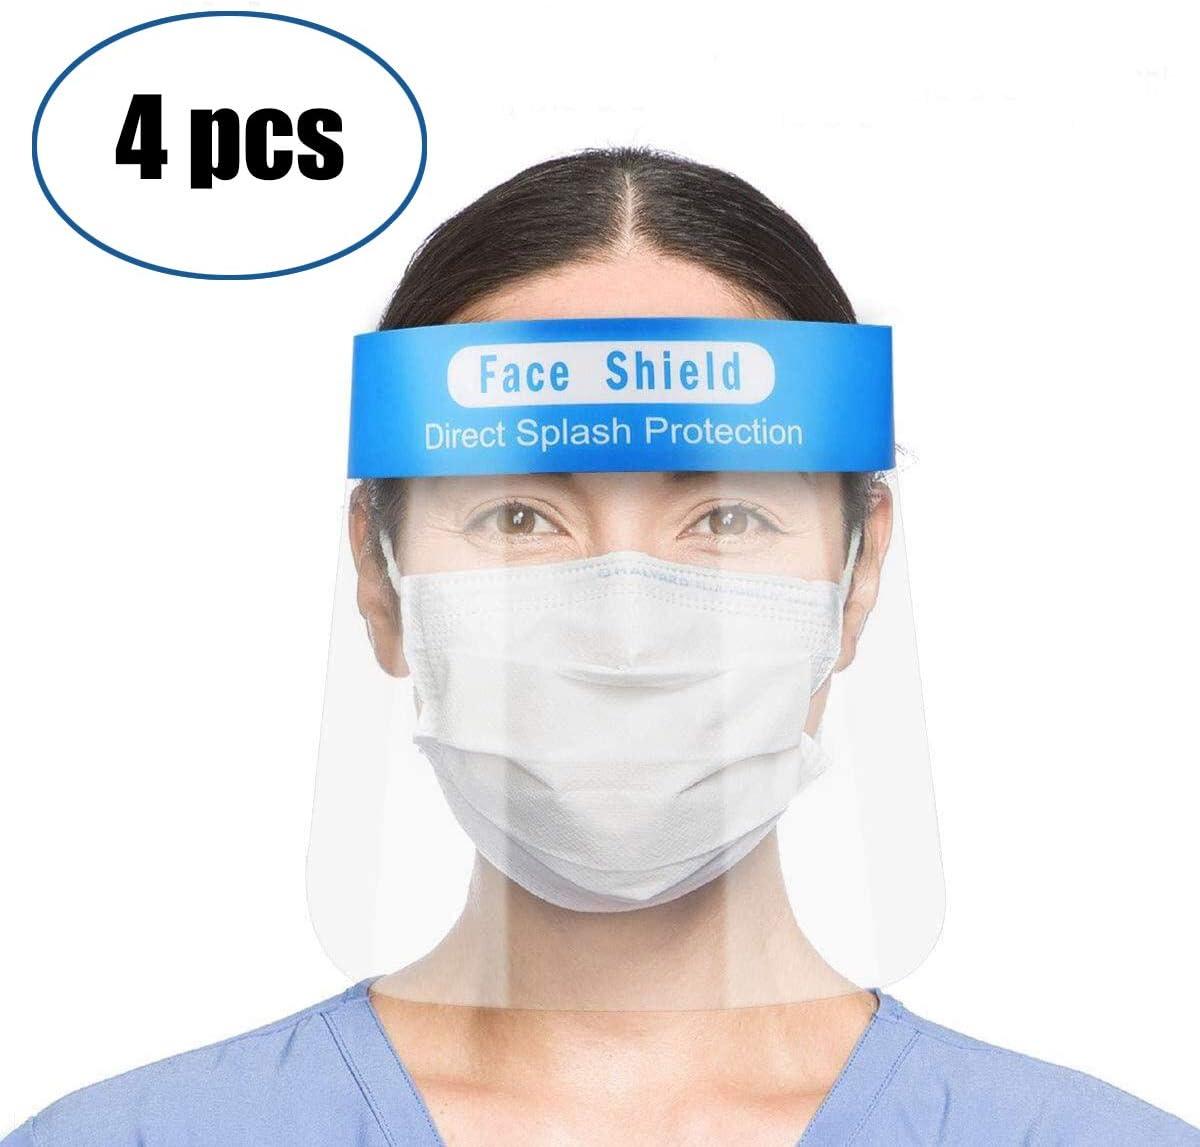 Enjoyee -4 Viseras Protectoras para la Cara, plástico Ligero, Ajustable, Transparente, para Evitar la Saliva, Las Gotas, el Polen y el Polvo (Azul)